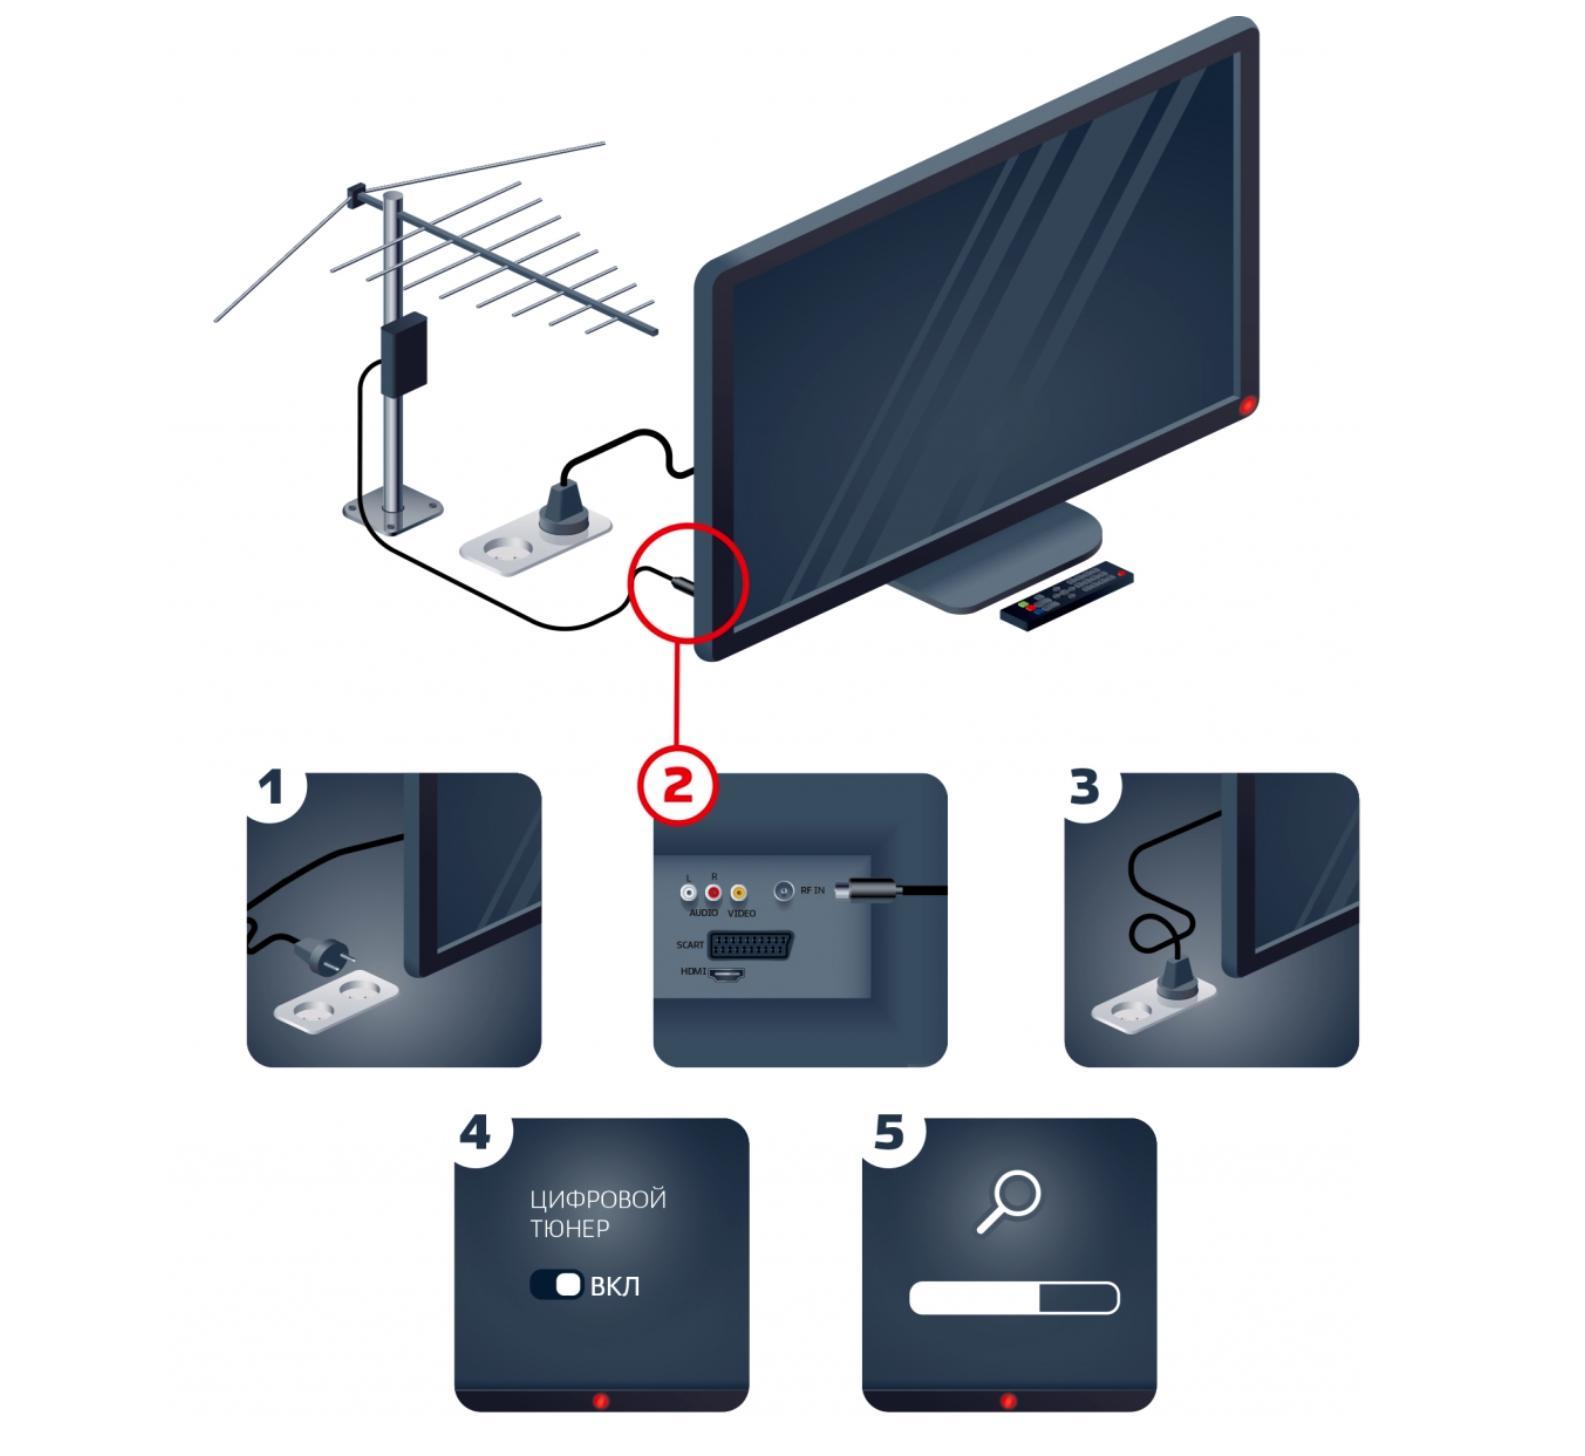 Когда вМоскве отключат аналоговое телевидение? Как перейти нацифровое?